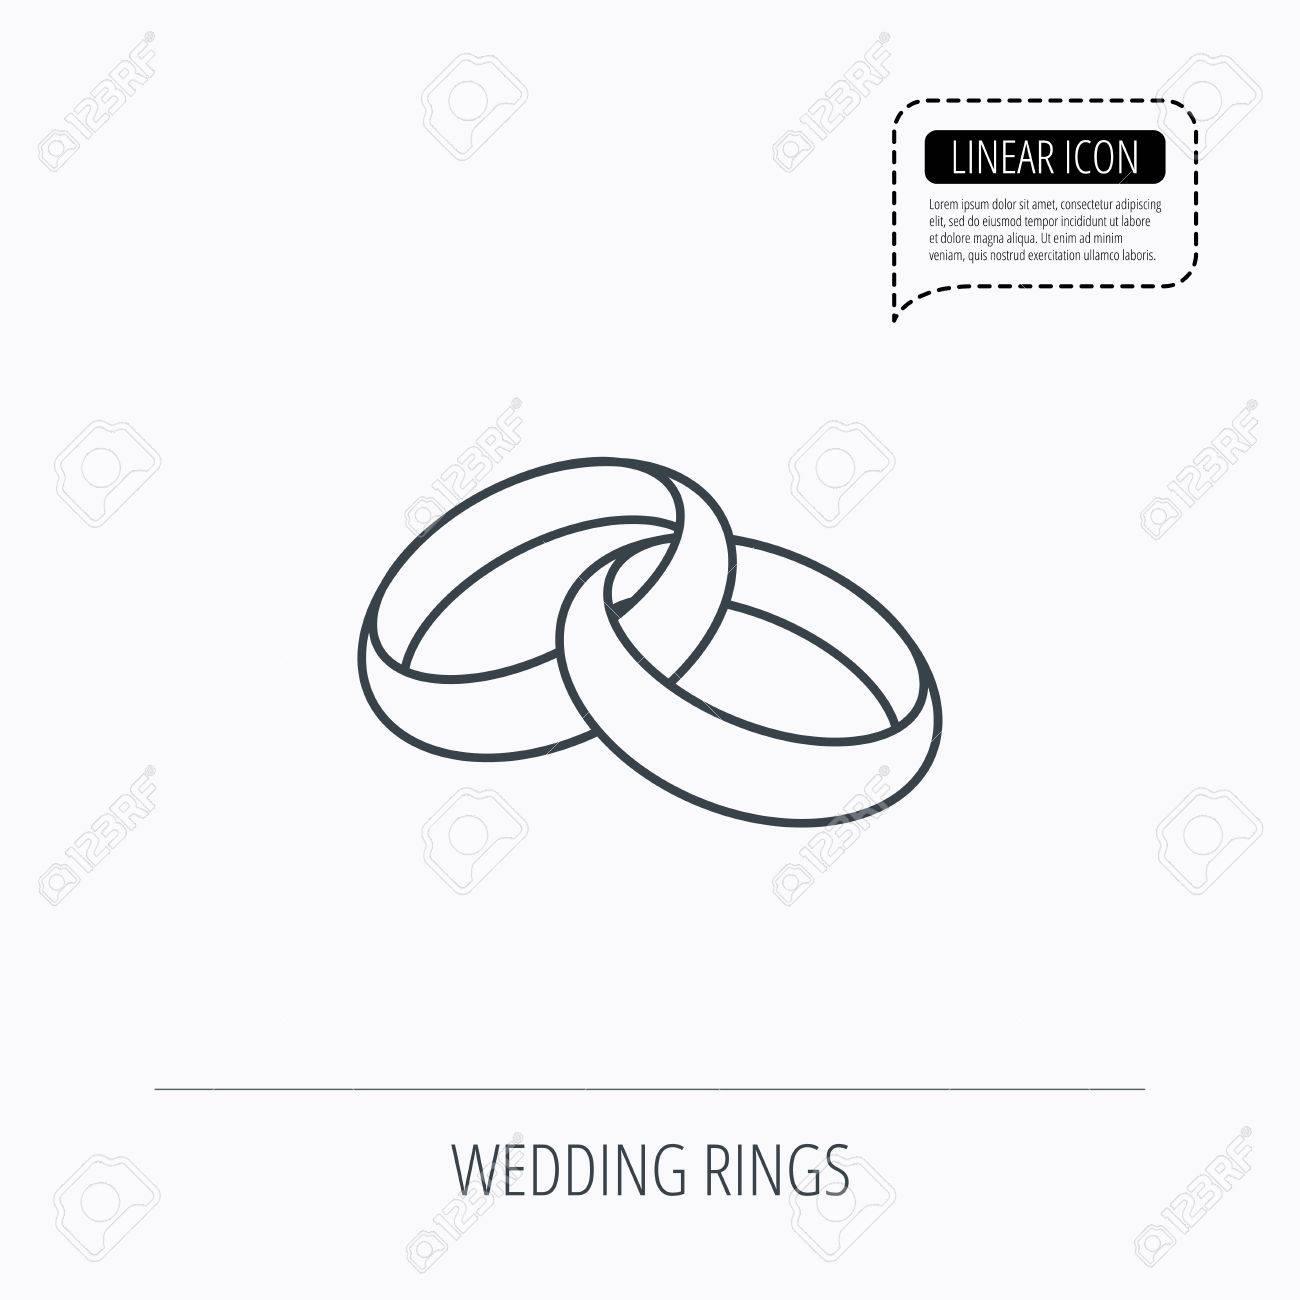 Hochzeitsringe Symbol. Braut und Bräutigam Schmuck Zeichen. Linear  Umriss-Symbol. Sprechblase der gestrichelten Linie. Vector